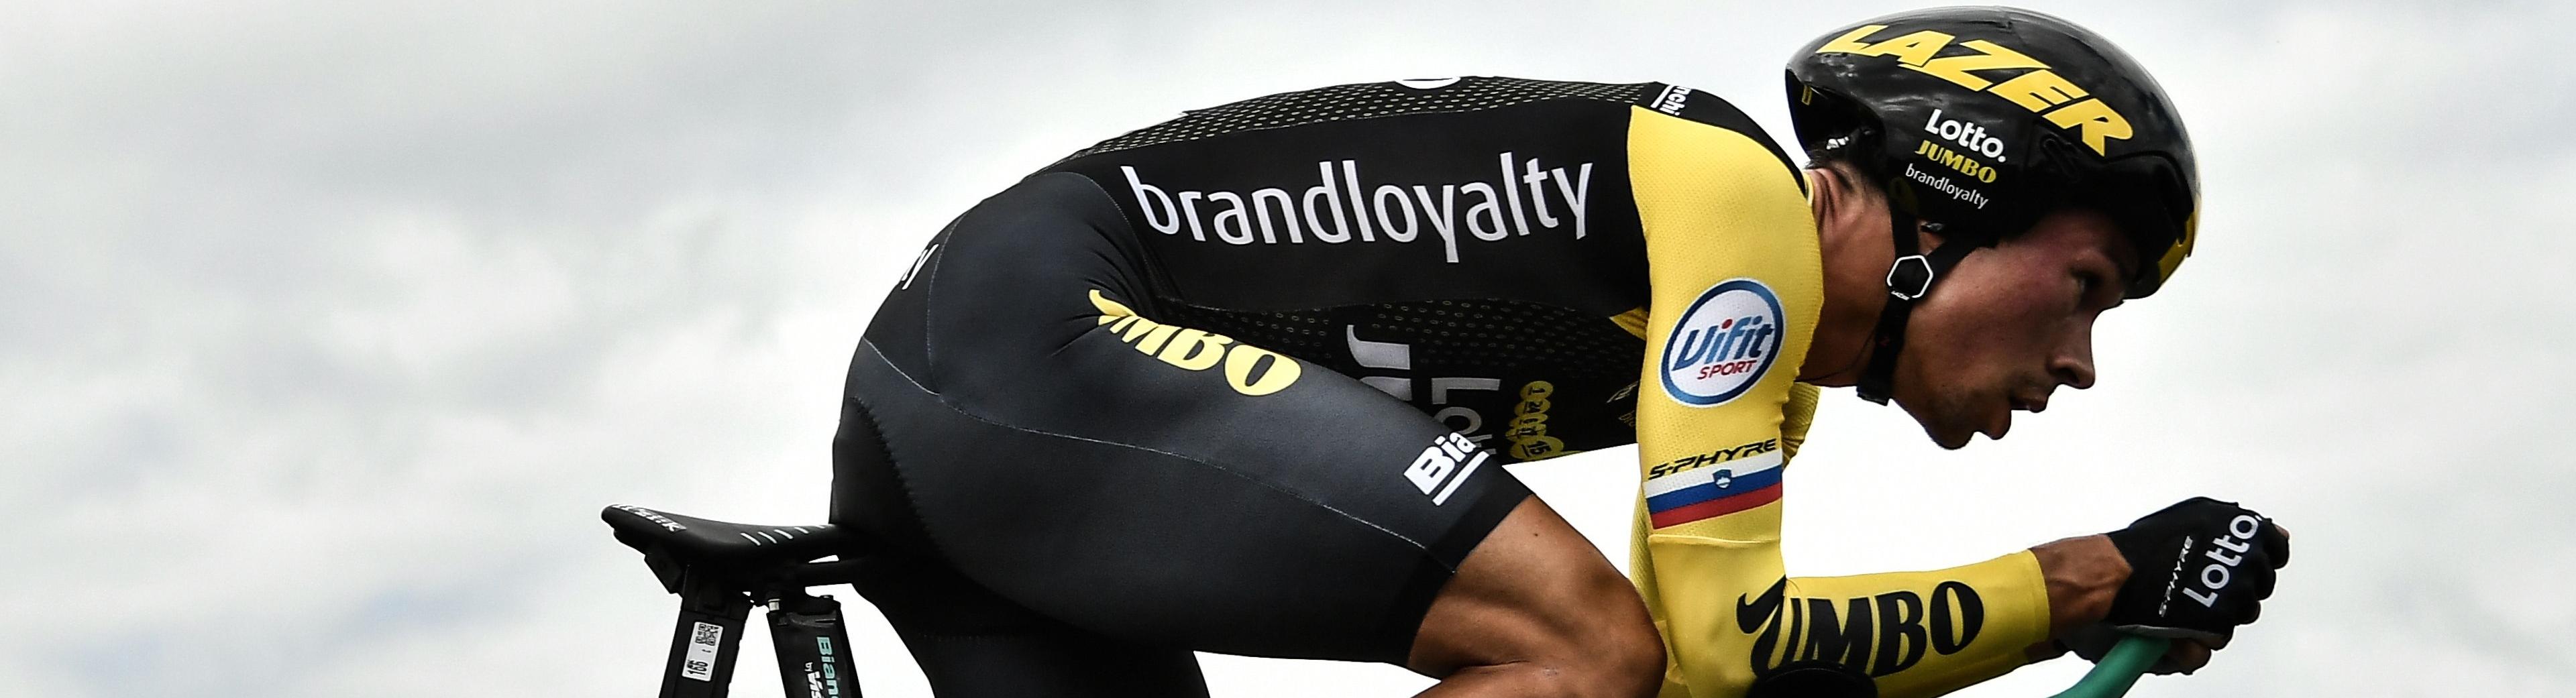 Giro d'Italia 2019, tappa 1: Roglic